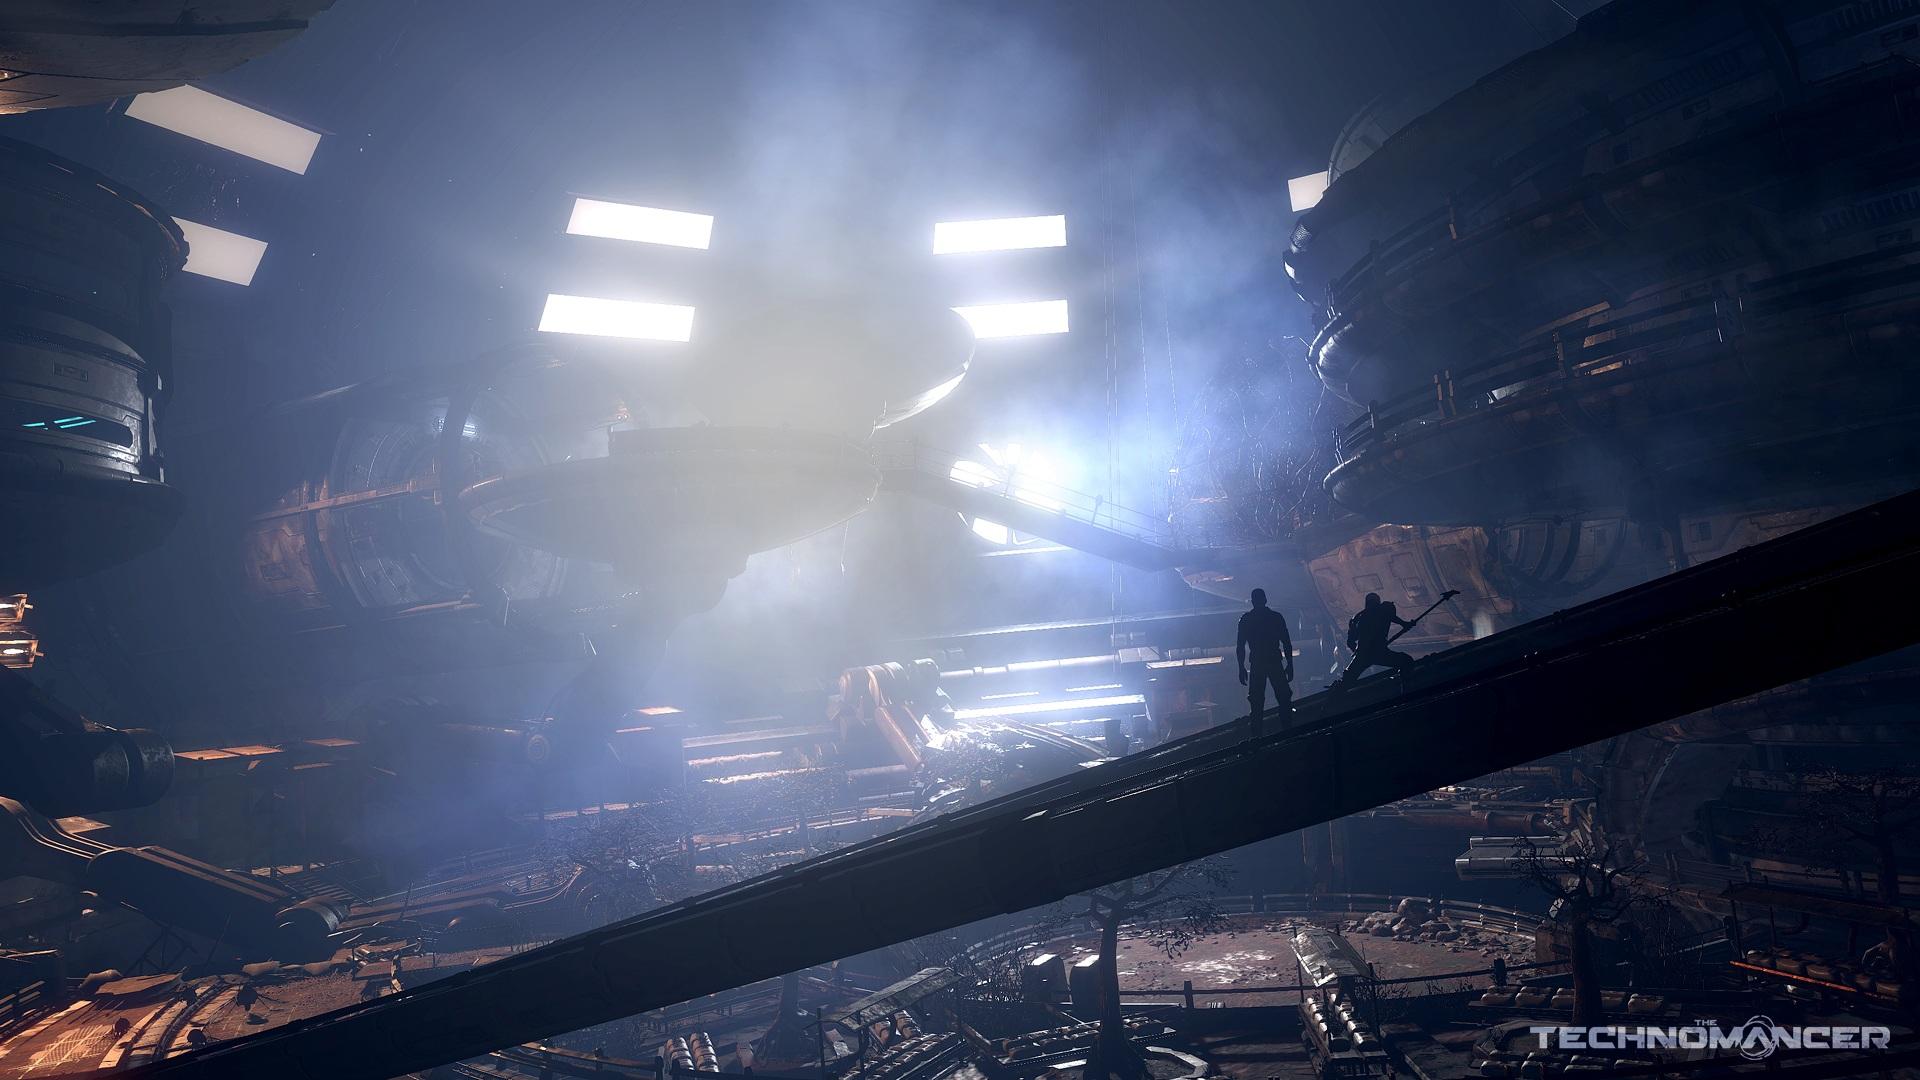 Nové obrázky ze sci-fi RPG titulu The Technomancer 112045